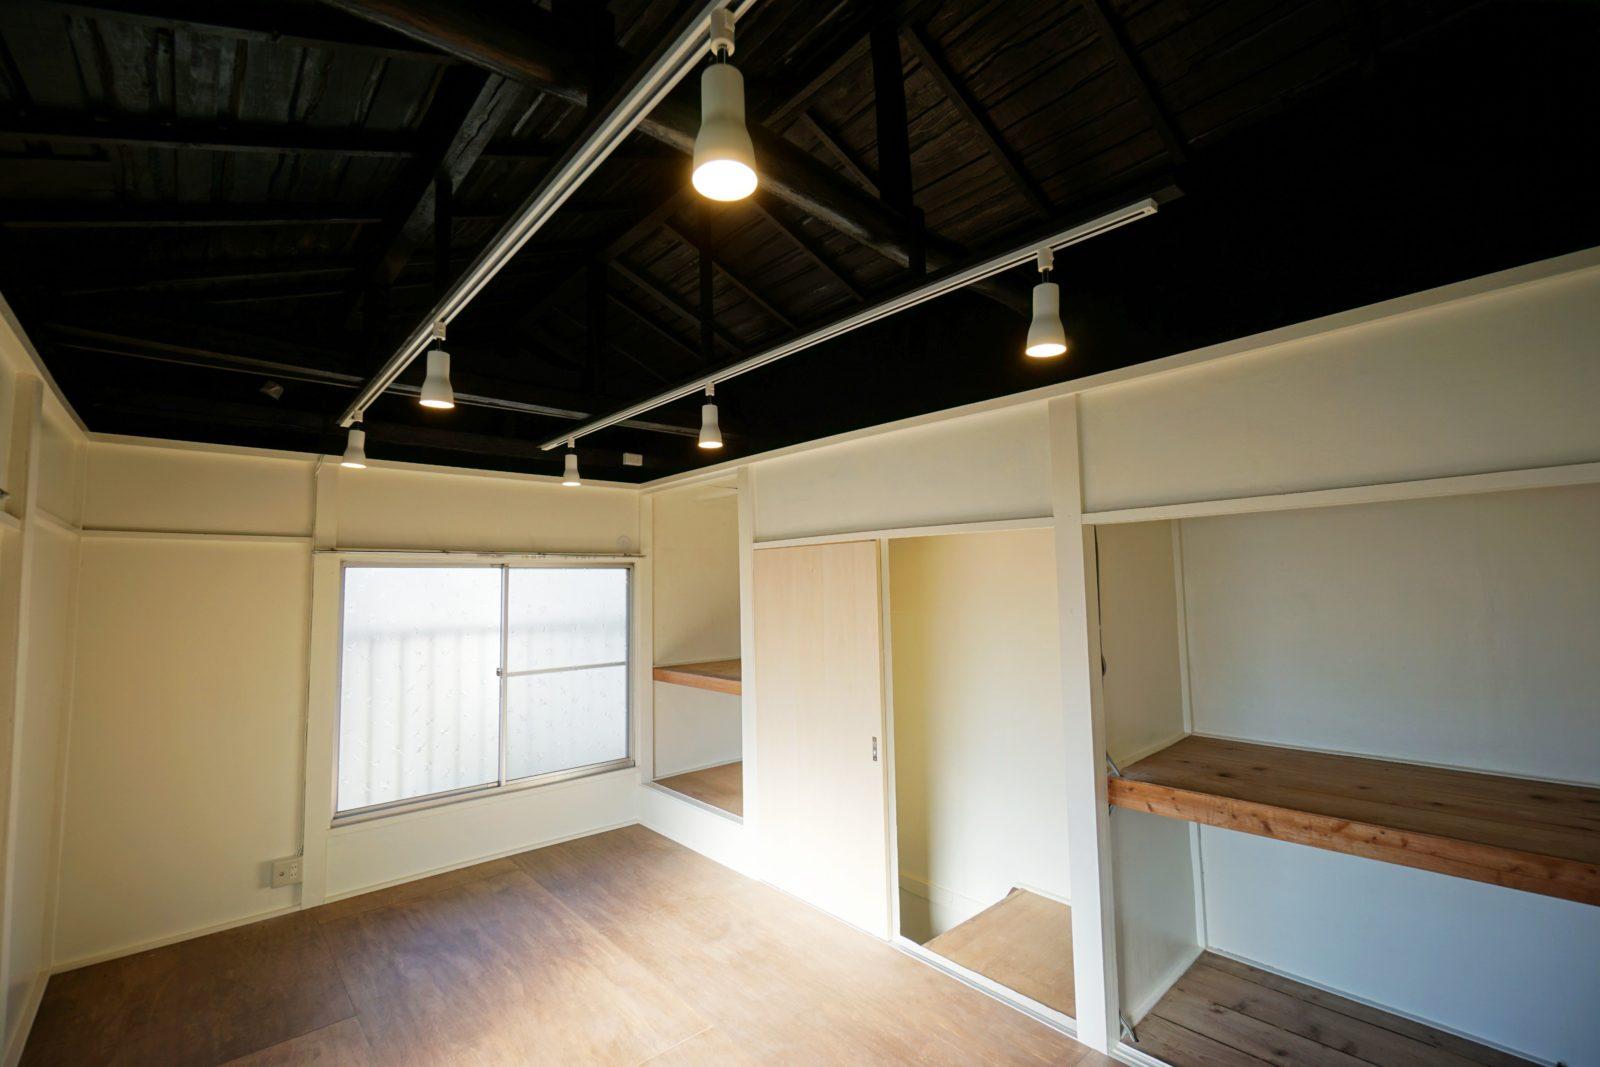 大きな梁が見える古民家カフェ風の洋室へ 和室からの間取り変更